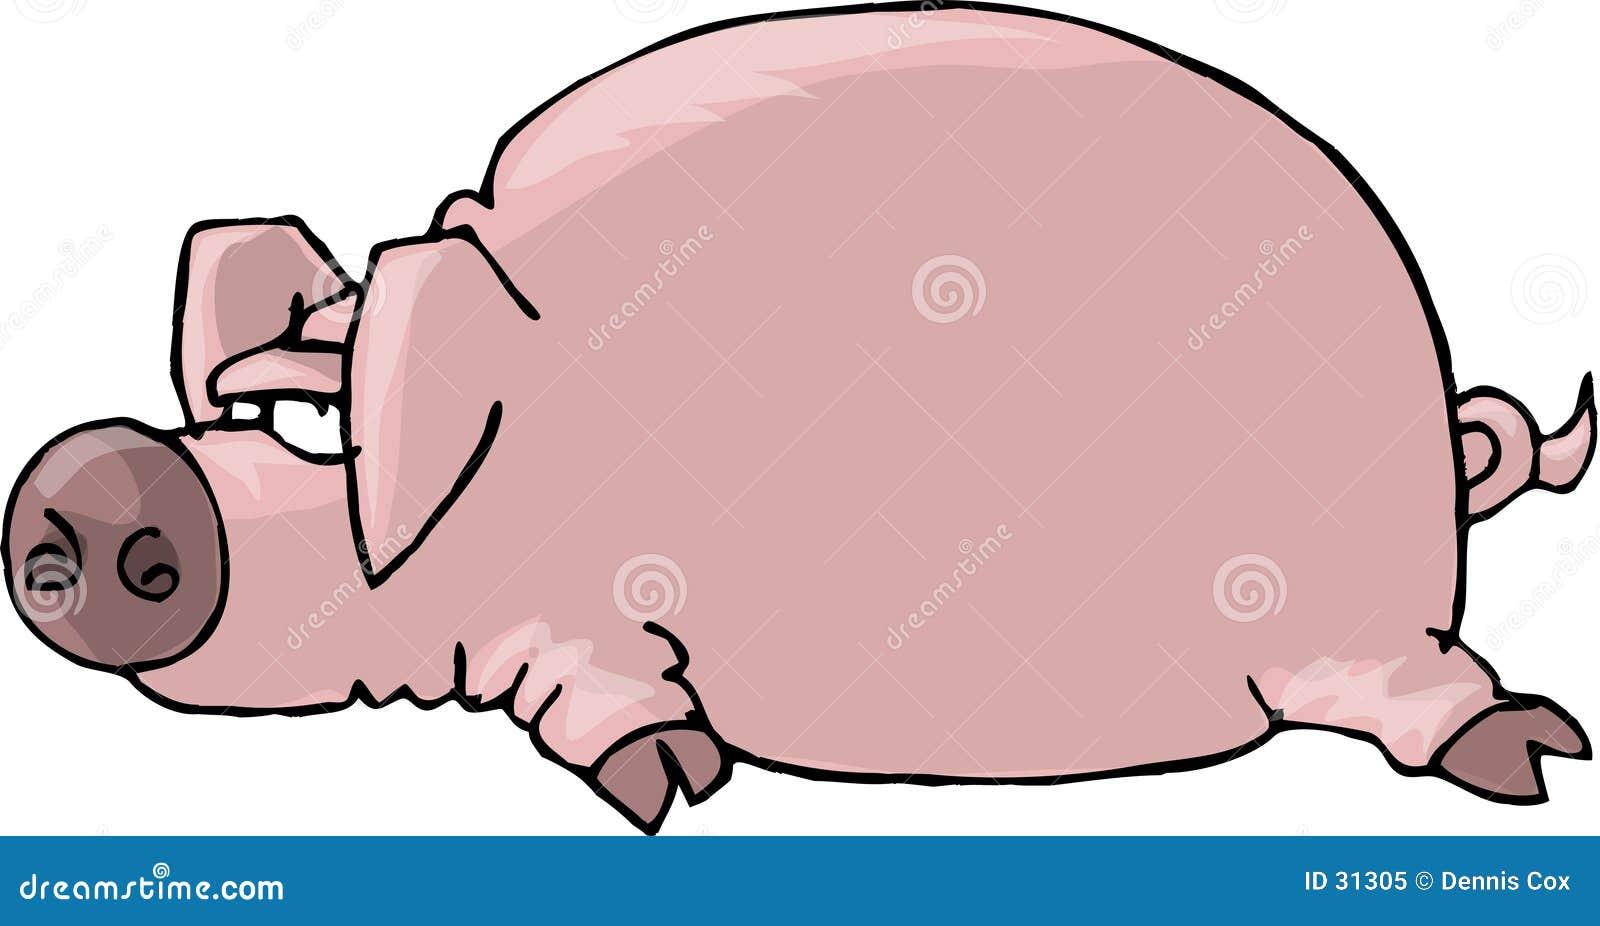 Plan pig